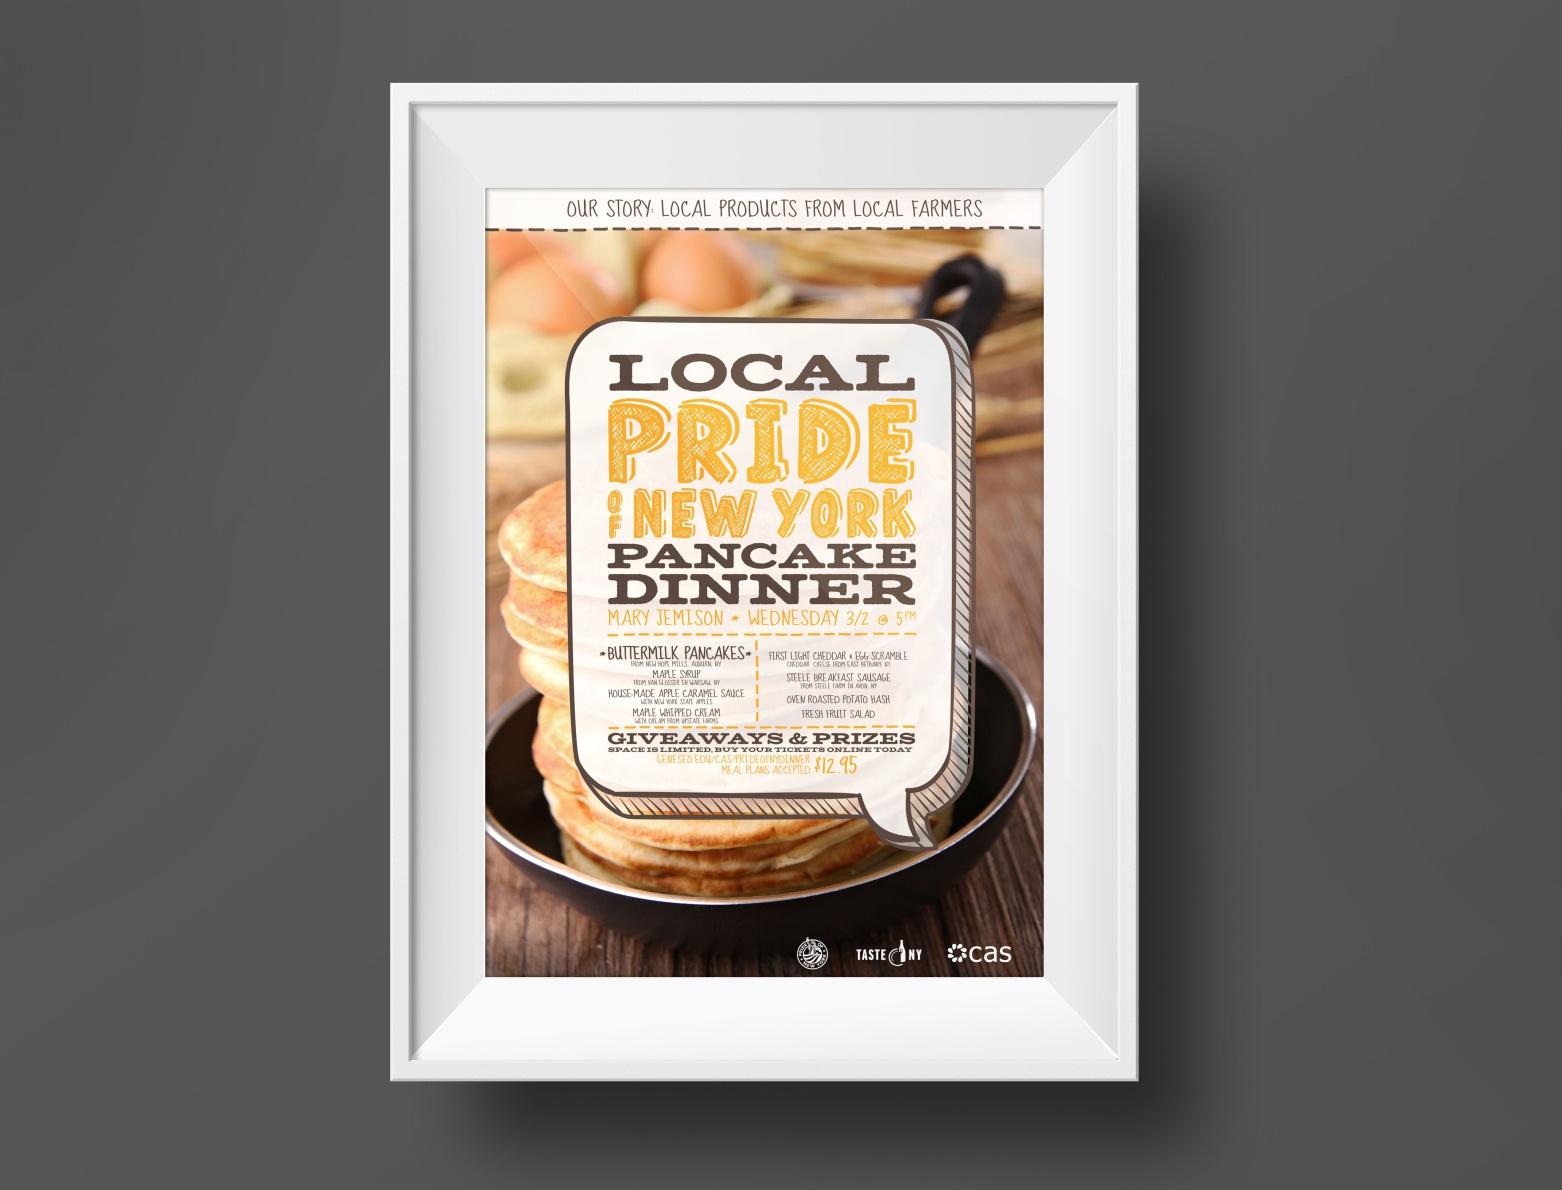 Pancake Dinner event poster